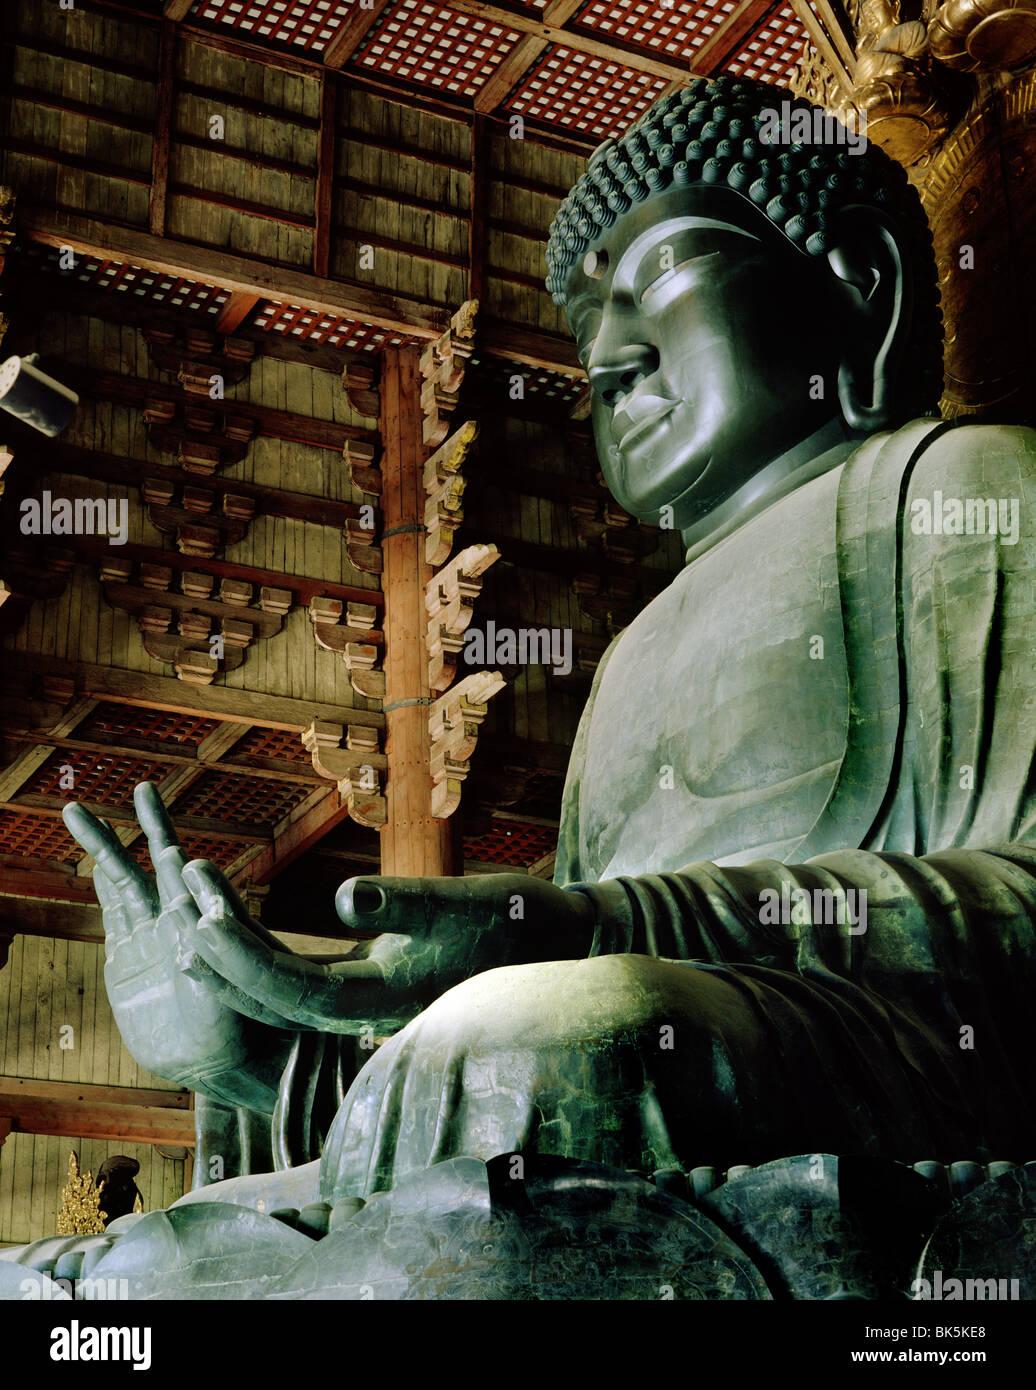 Todaiji (grande tempio orientale), l'edificio in legno più grande del mondo, Nara, Sito Patrimonio Mondiale Immagini Stock